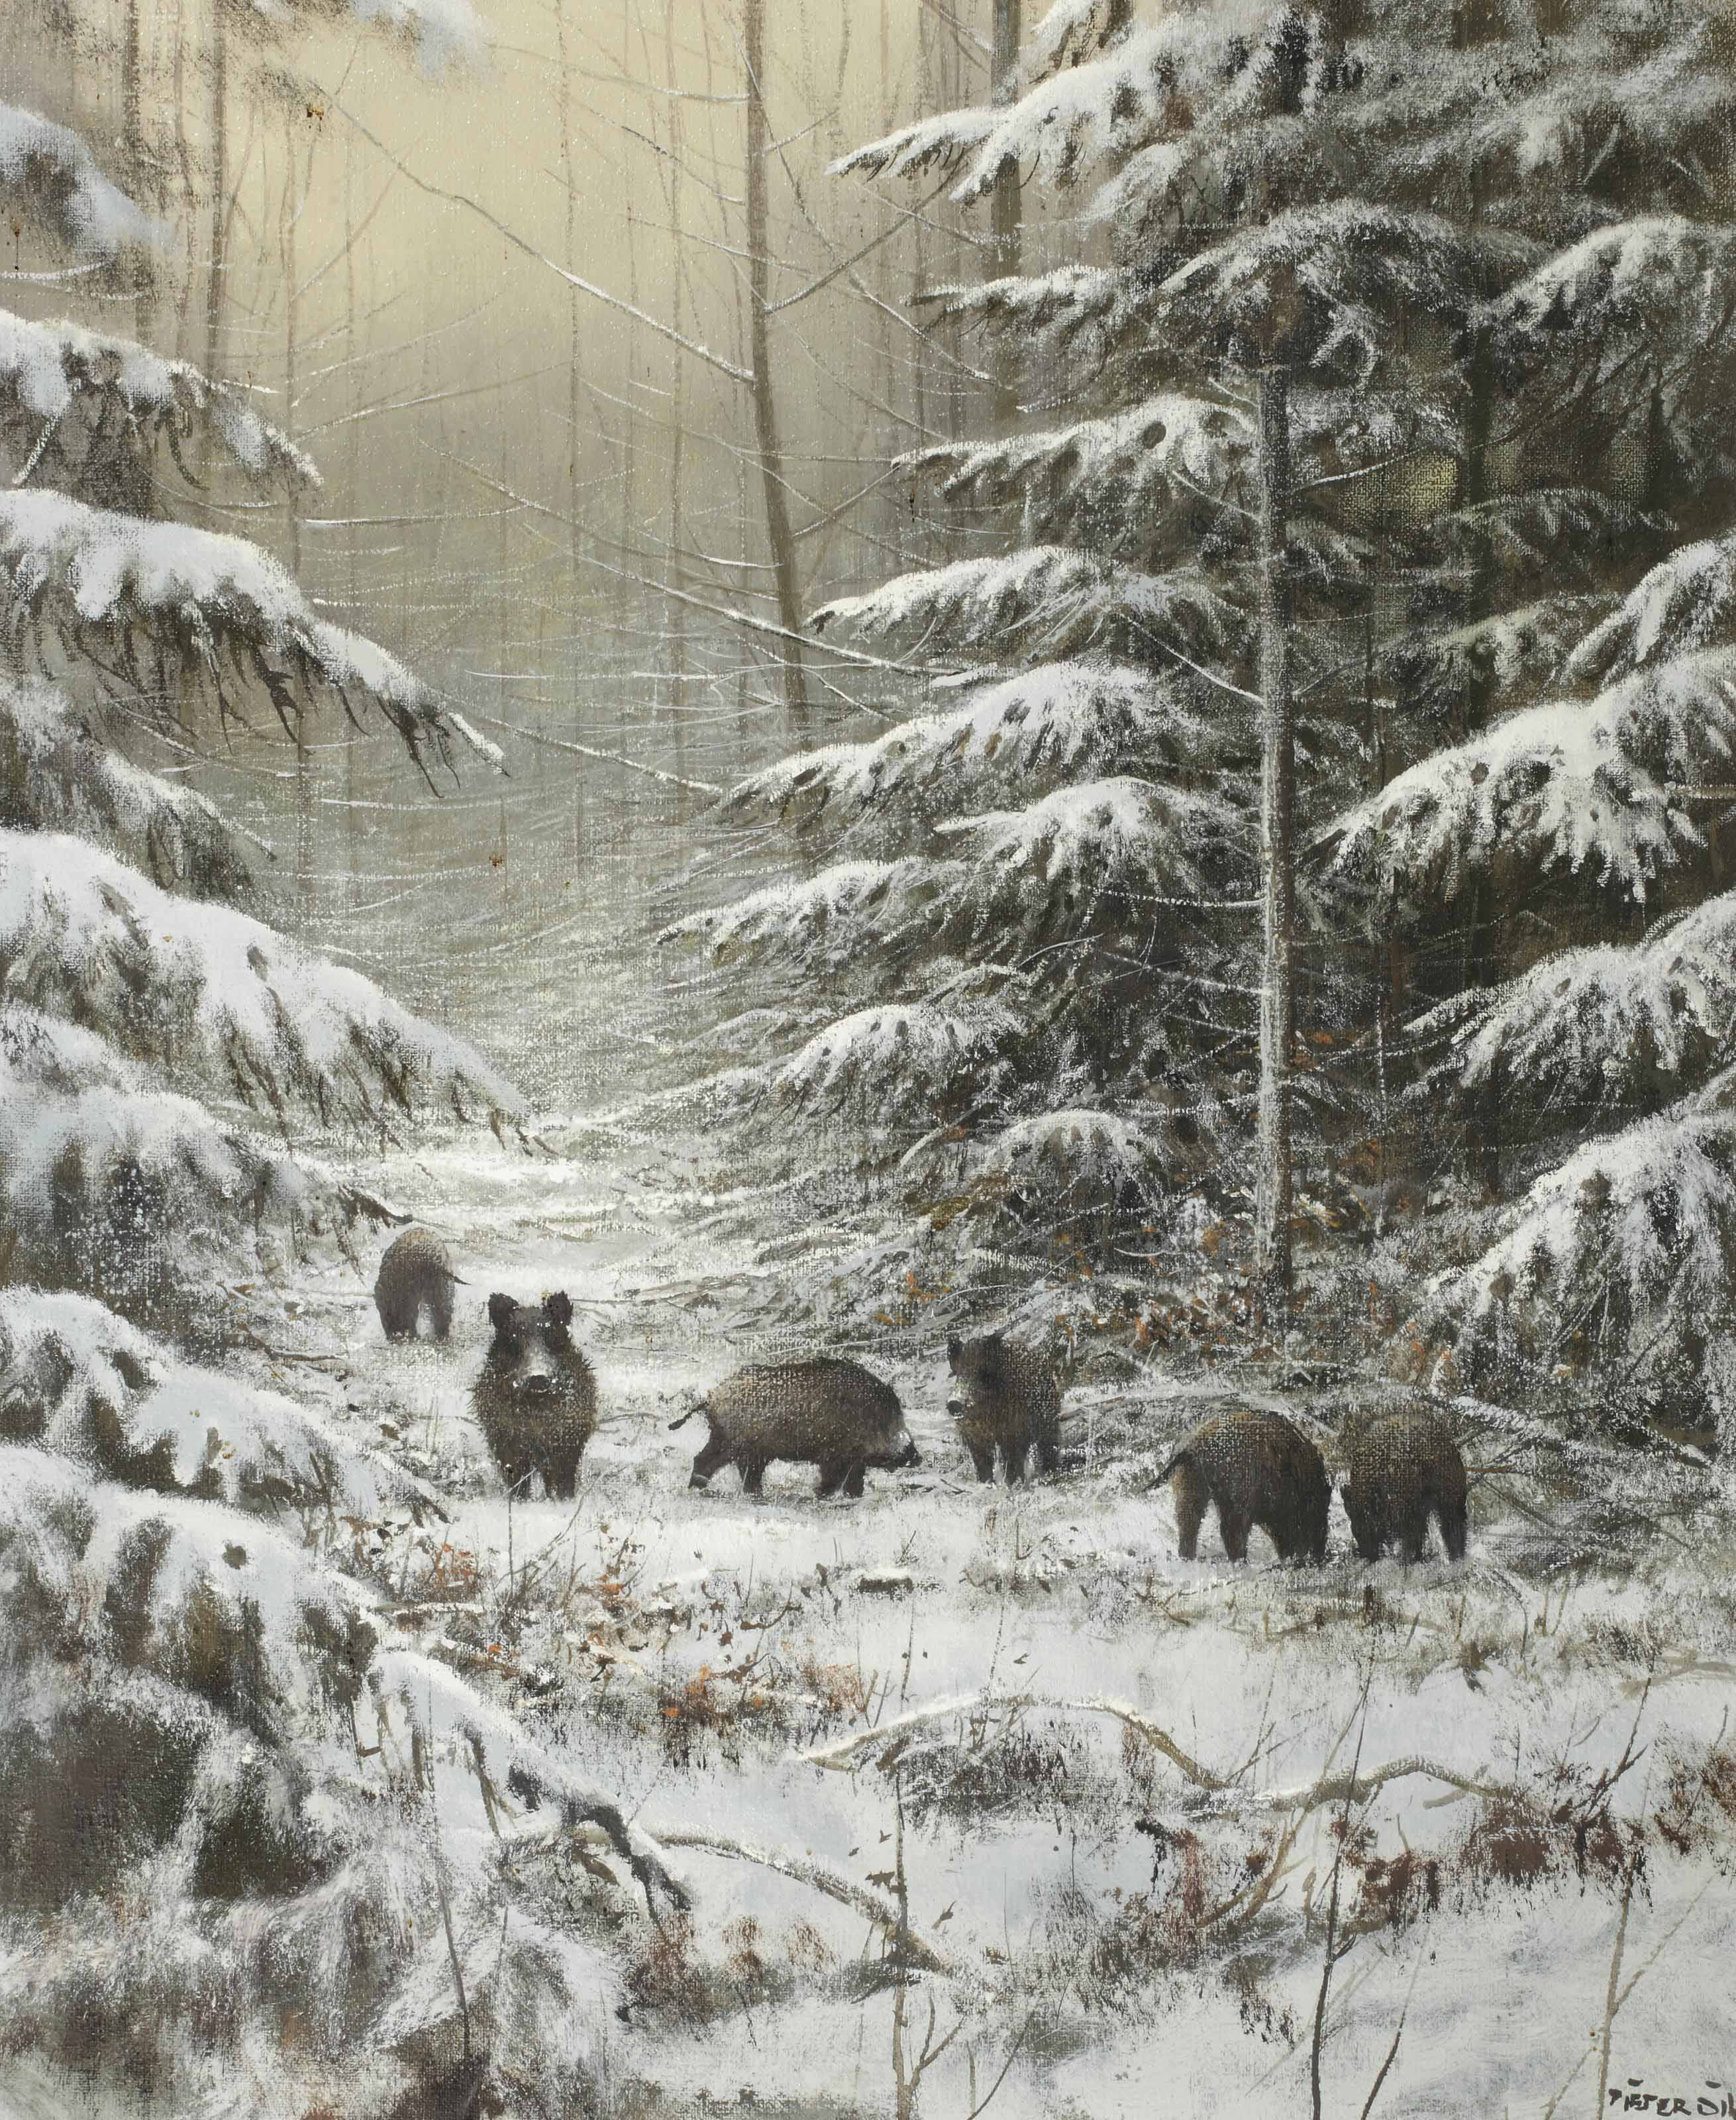 Boars in a winter landschap